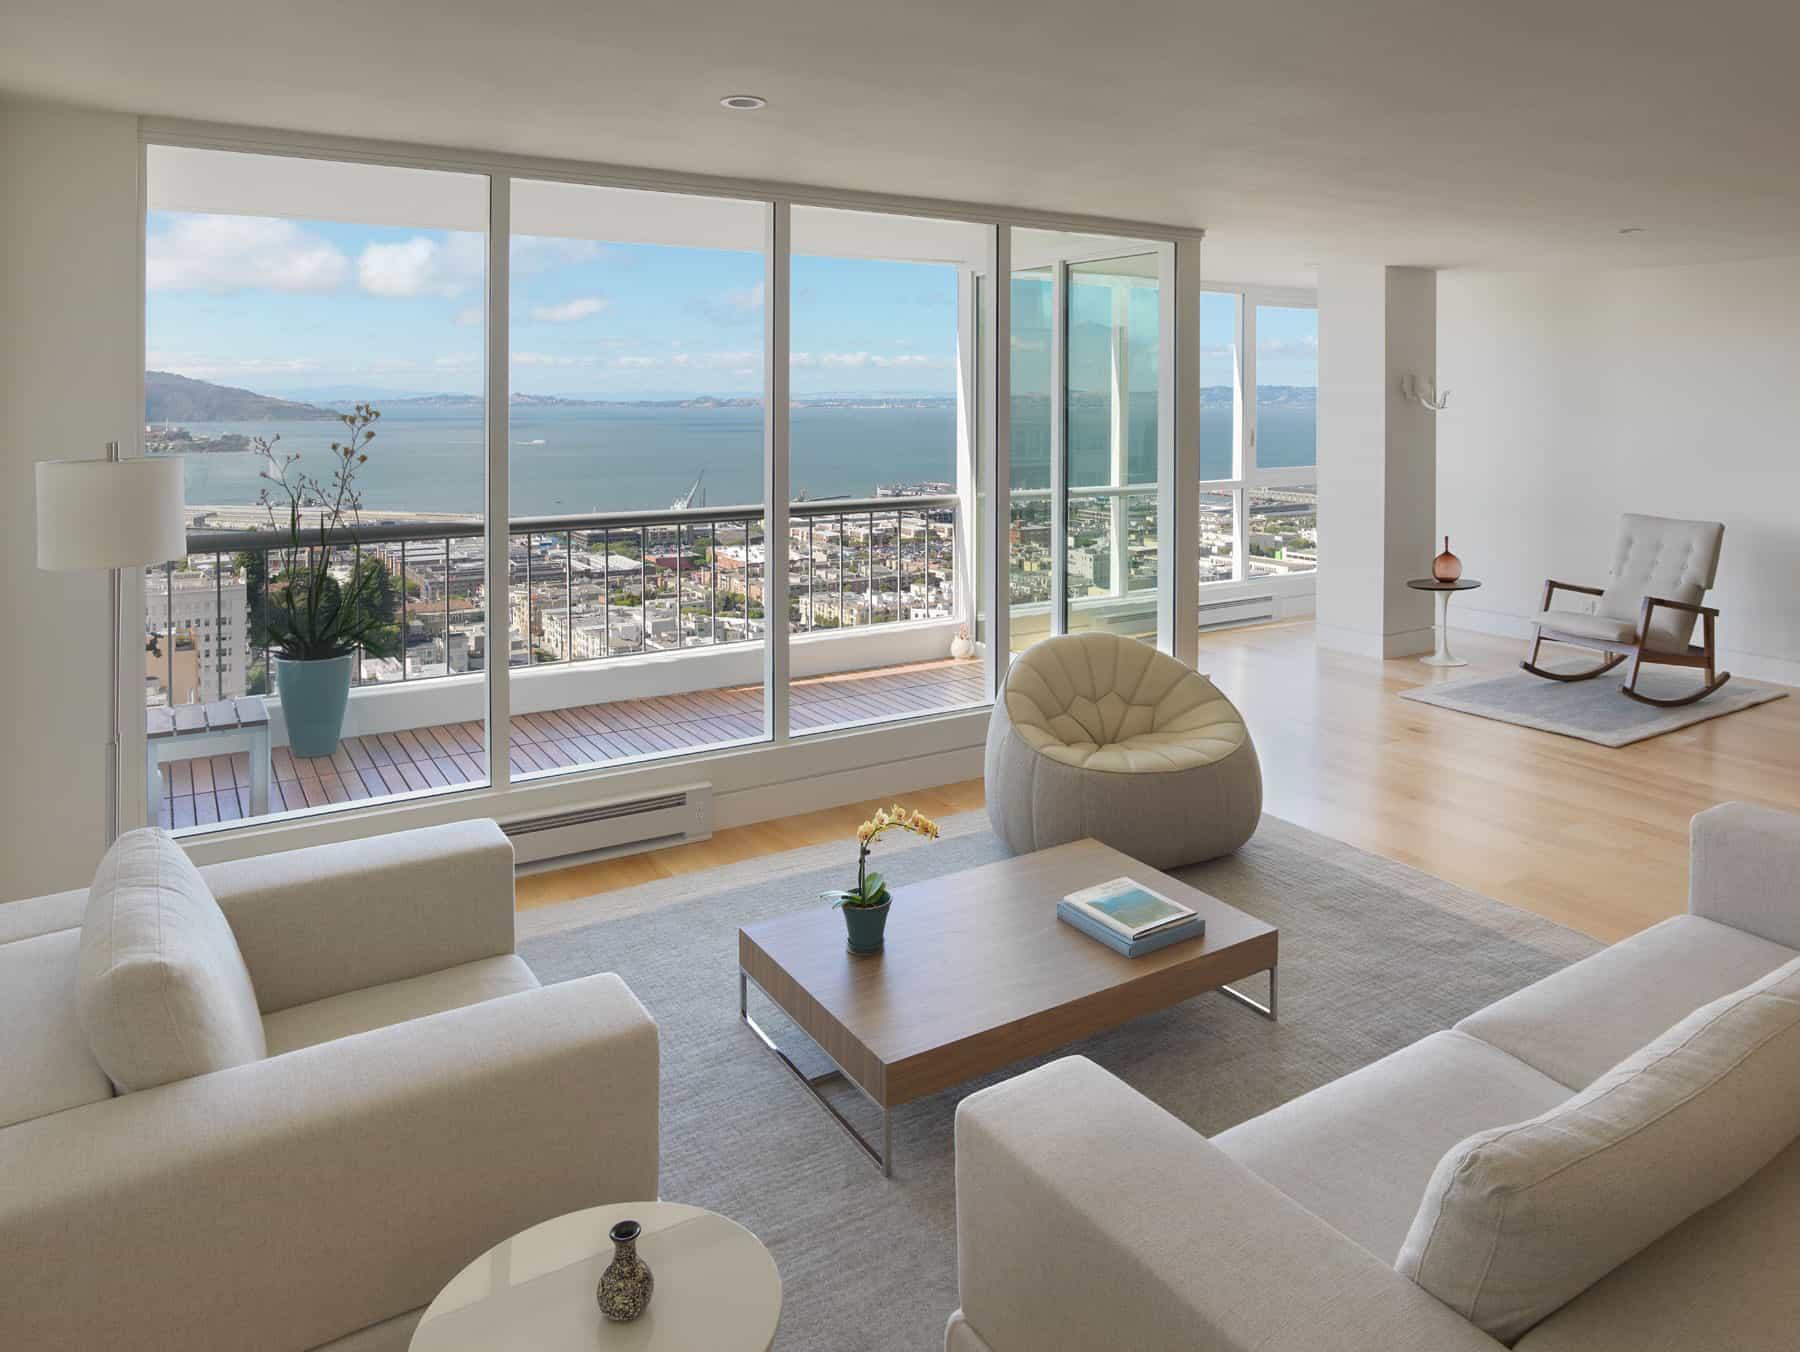 Интерьер квартир-студий с одним и двумя окнами: фото дизайно.